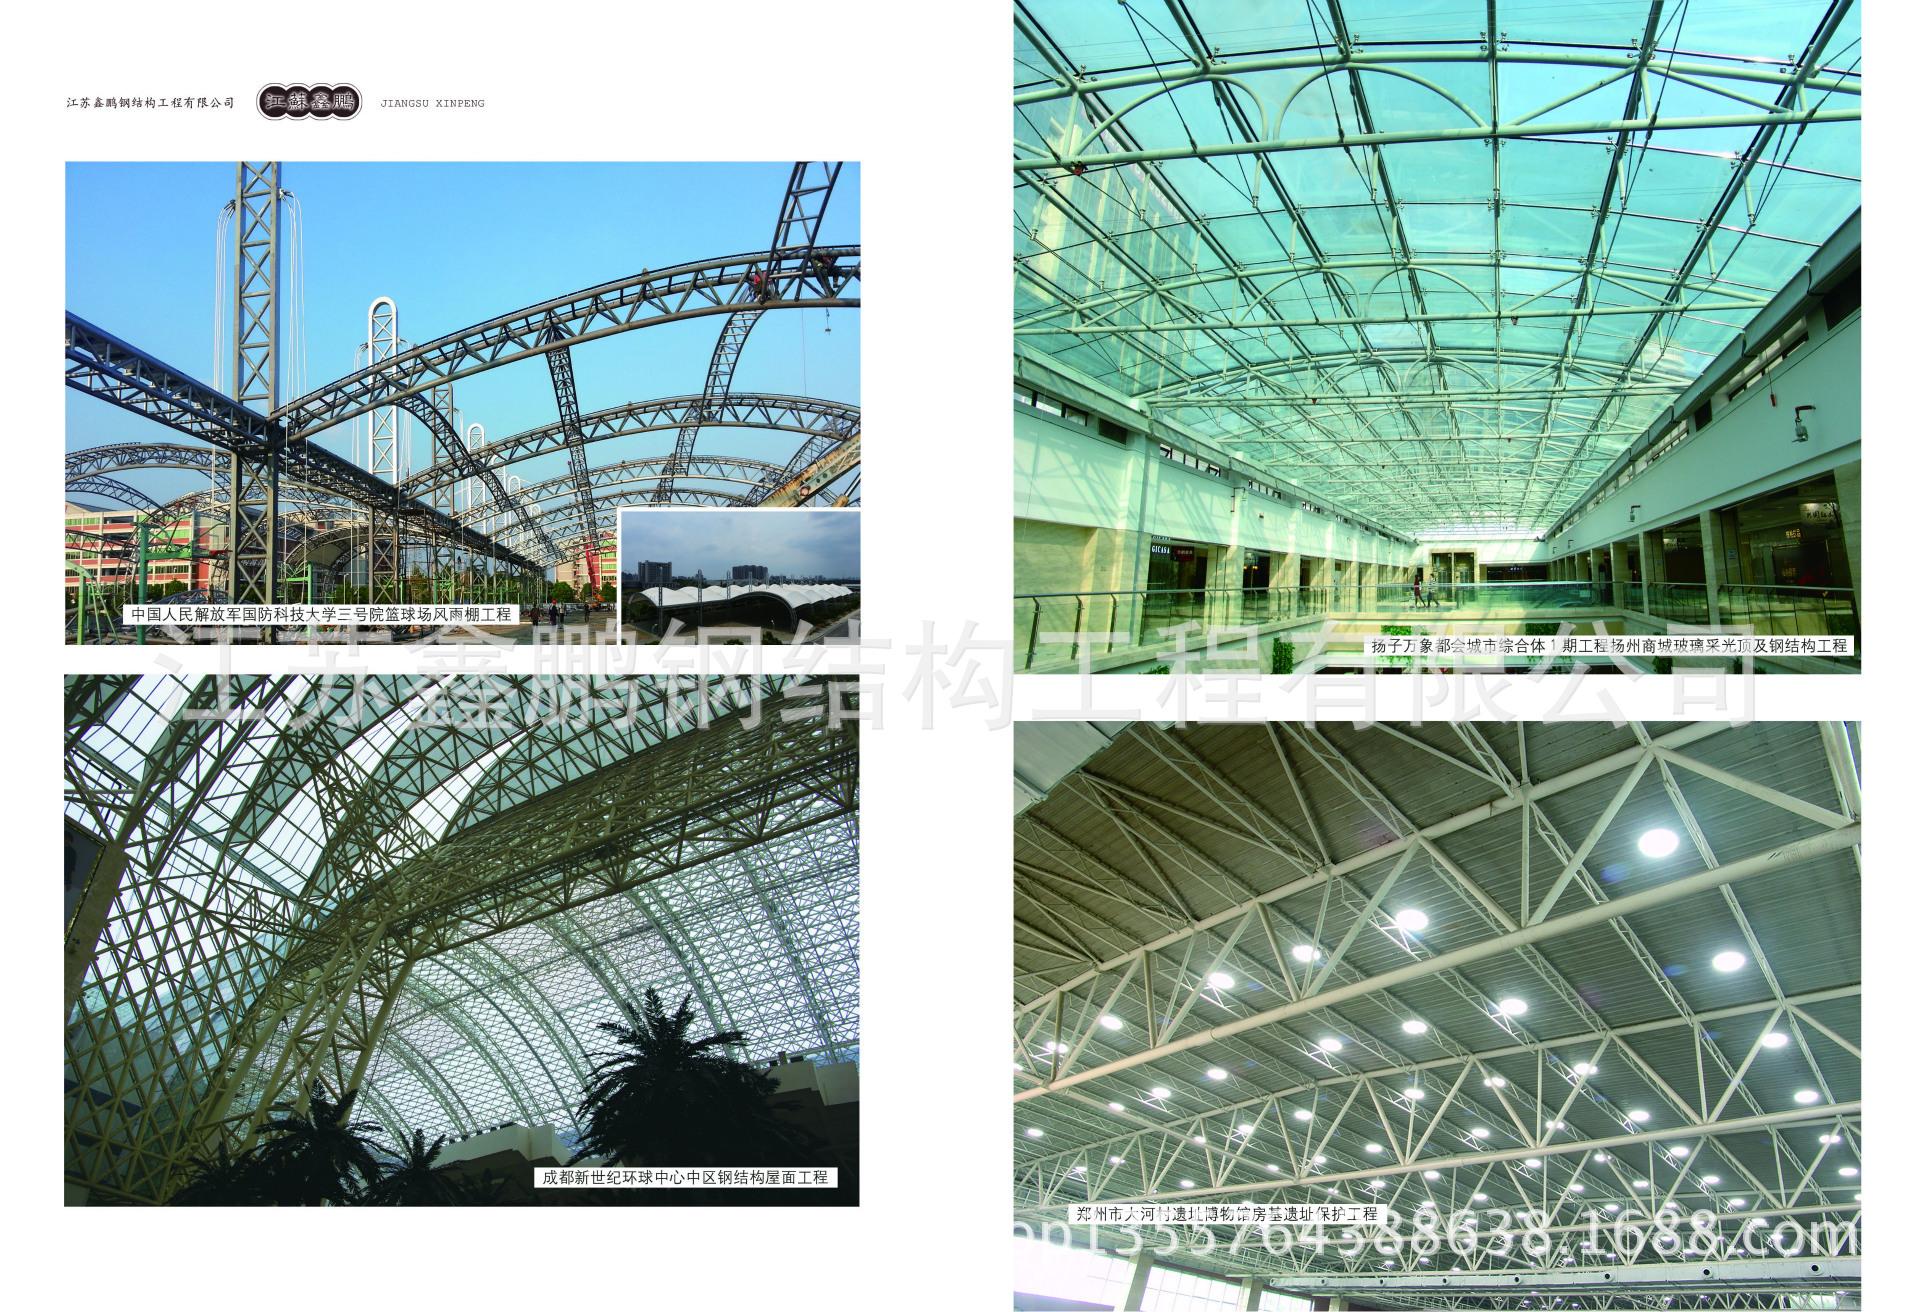 构 网架结构 彩钢瓦钢结构 铁棚网架设计安装 阿里巴巴